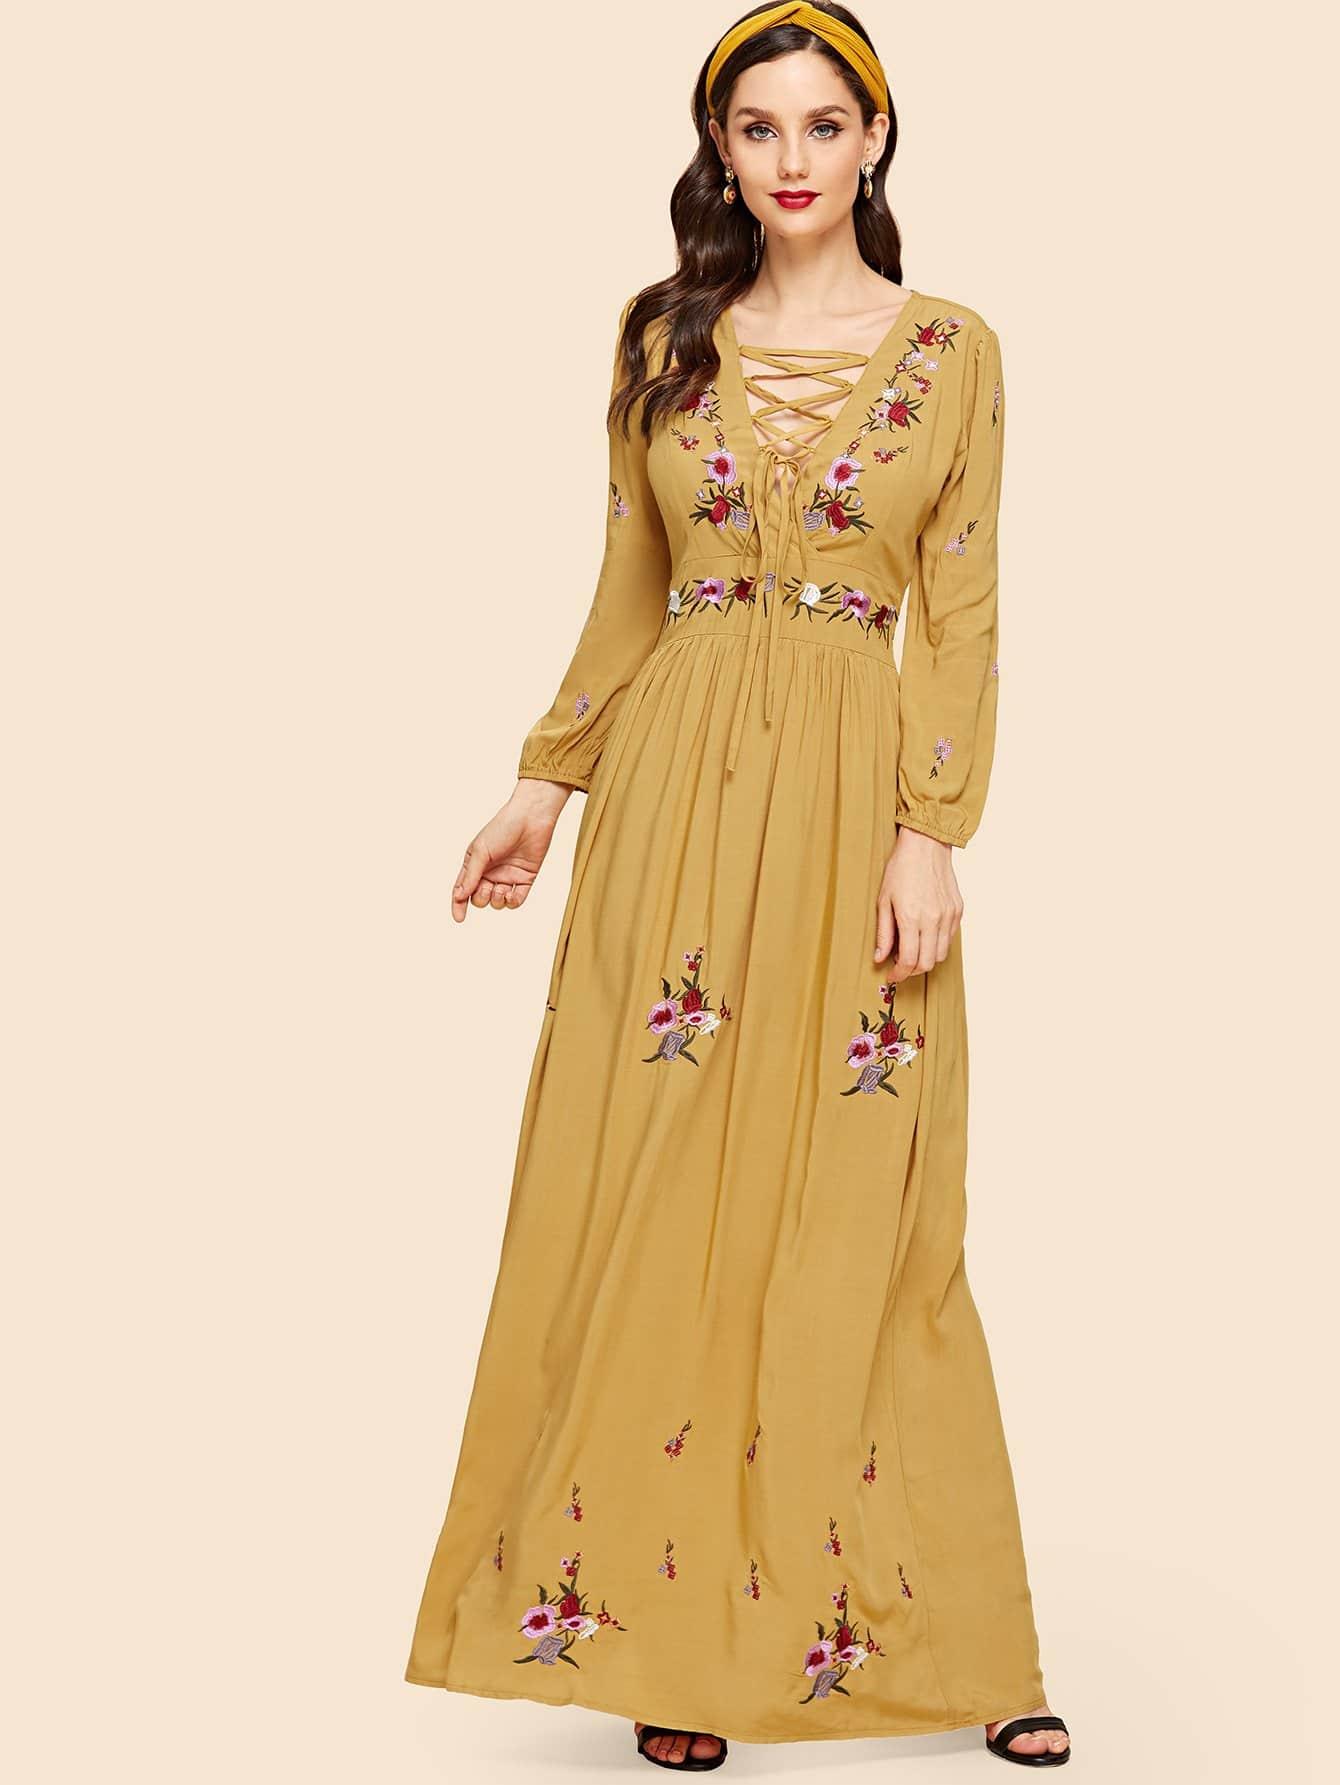 Плюс Lace Up Фронт цветок вышитые Maxi платье